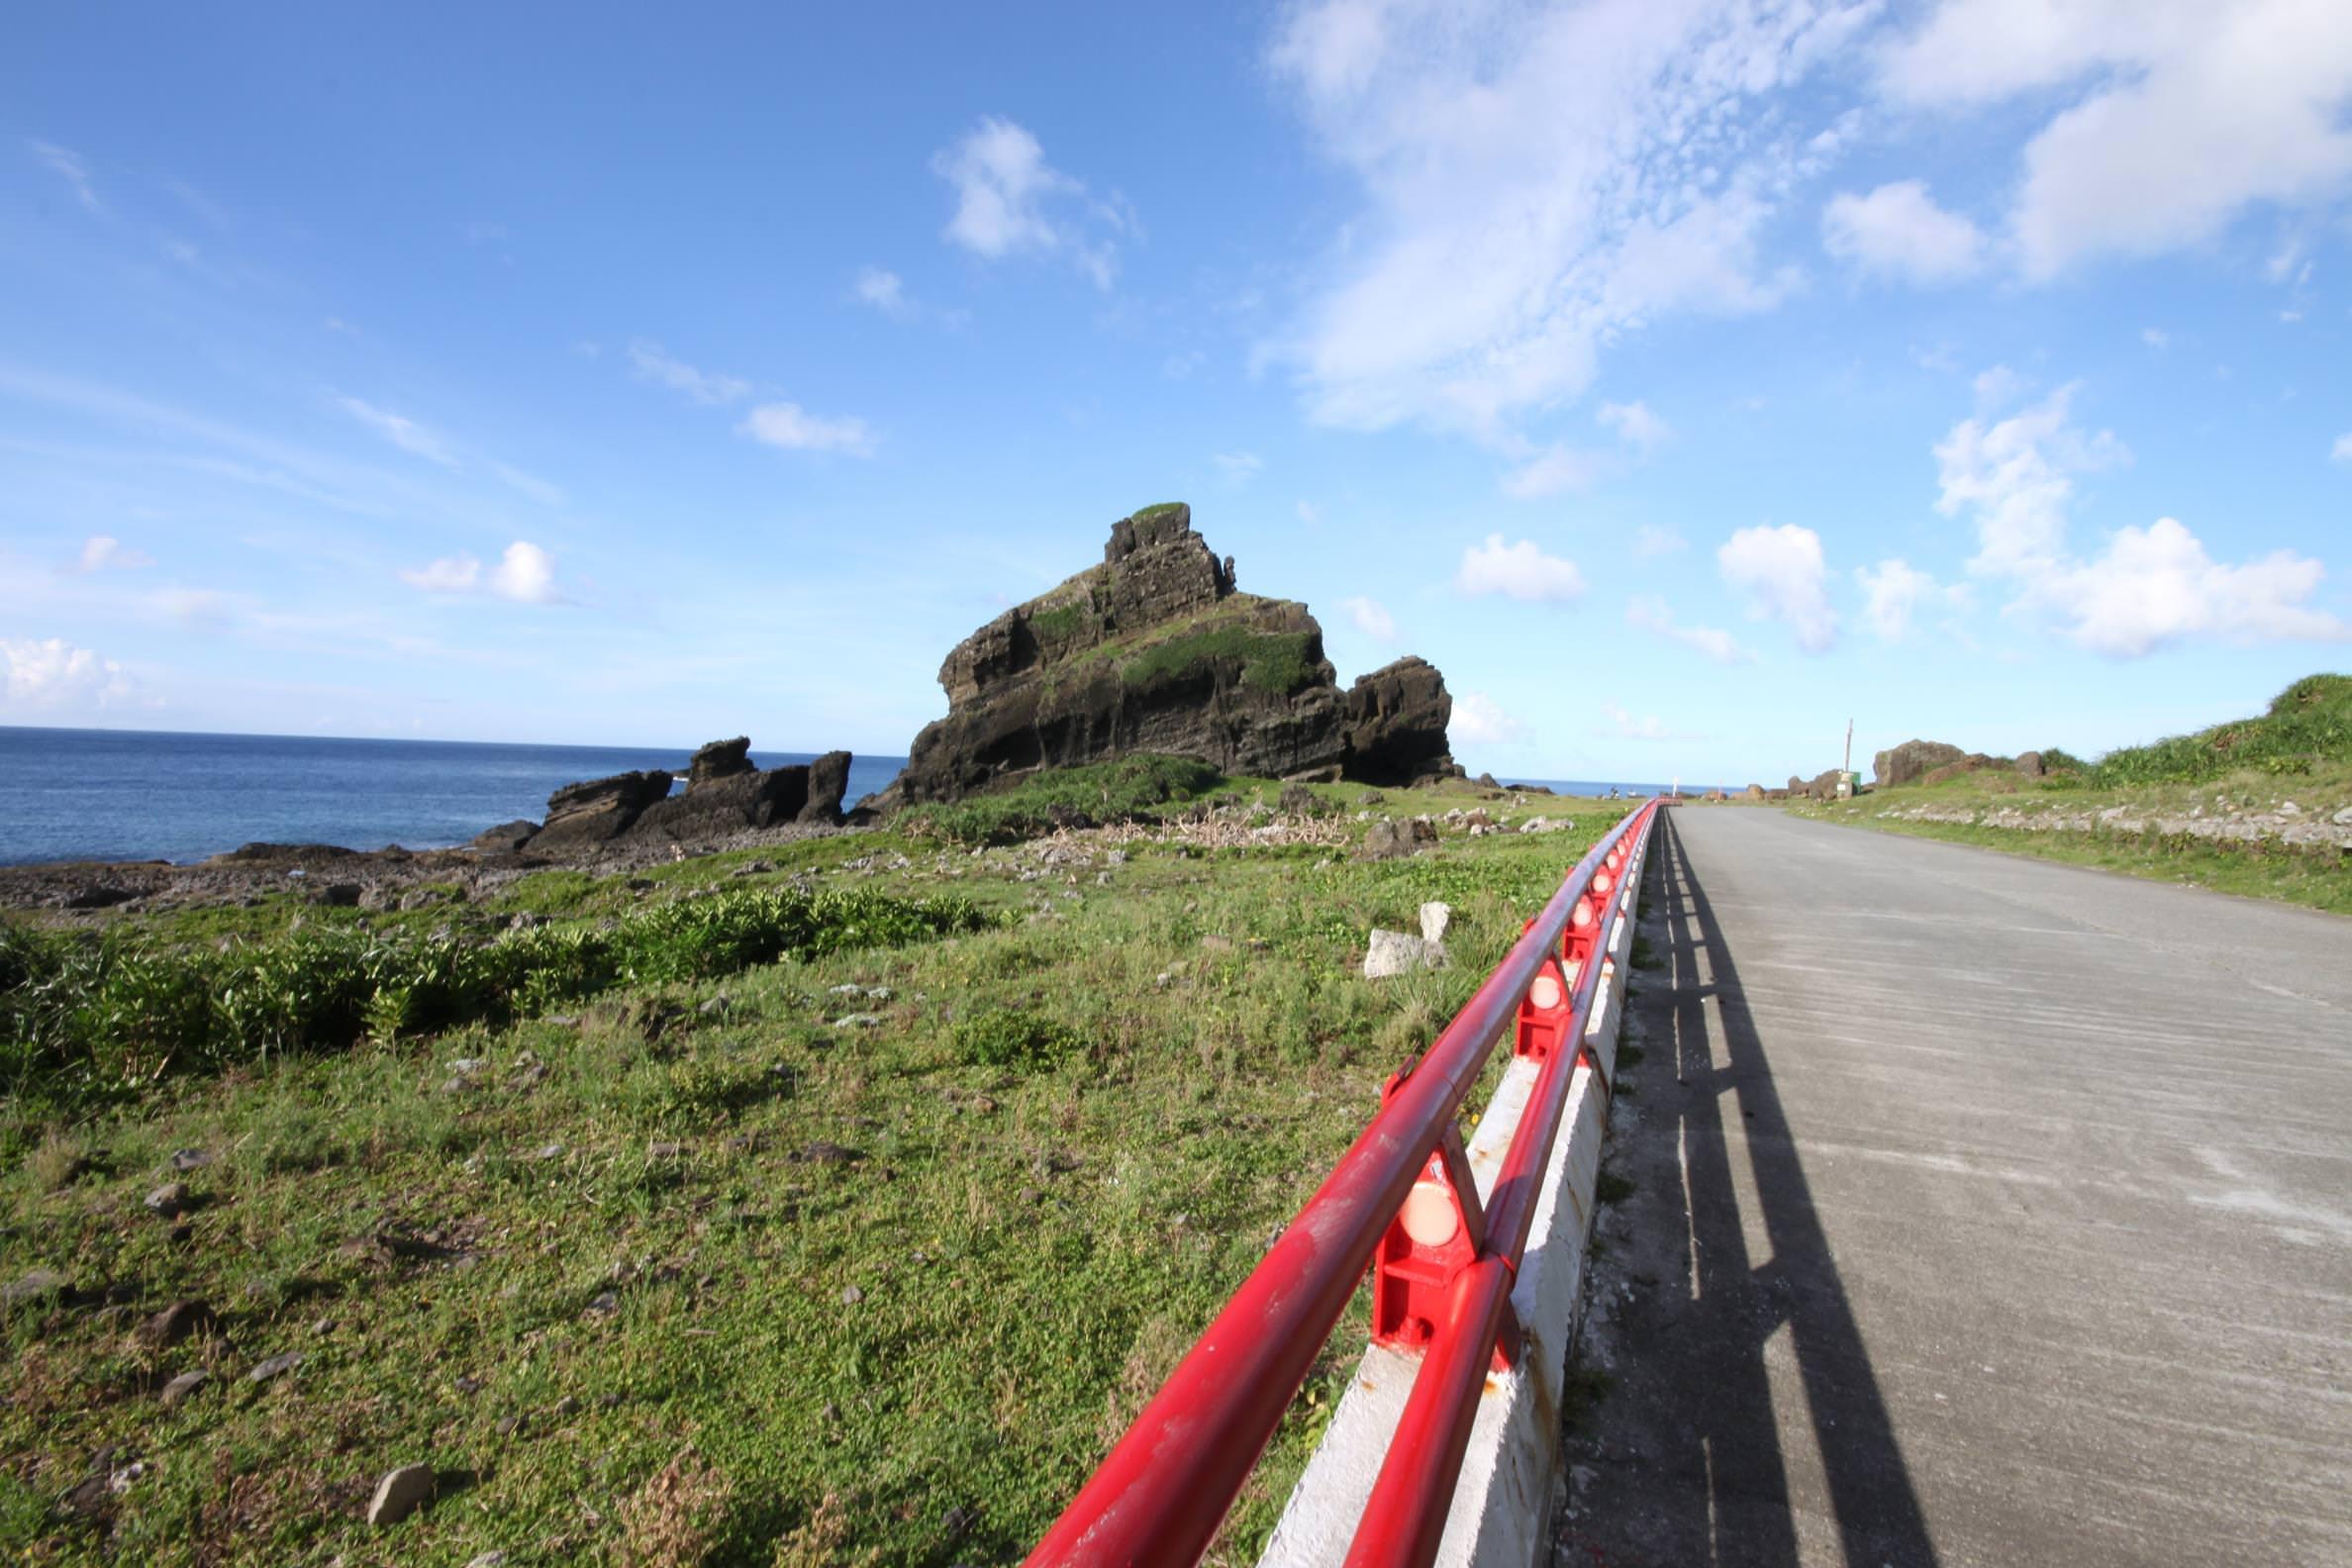 坦克岩,蘭嶼旅遊,蘭嶼潛水,蘭嶼自由行,蘭嶼景點,飛魚祭,拼板舟